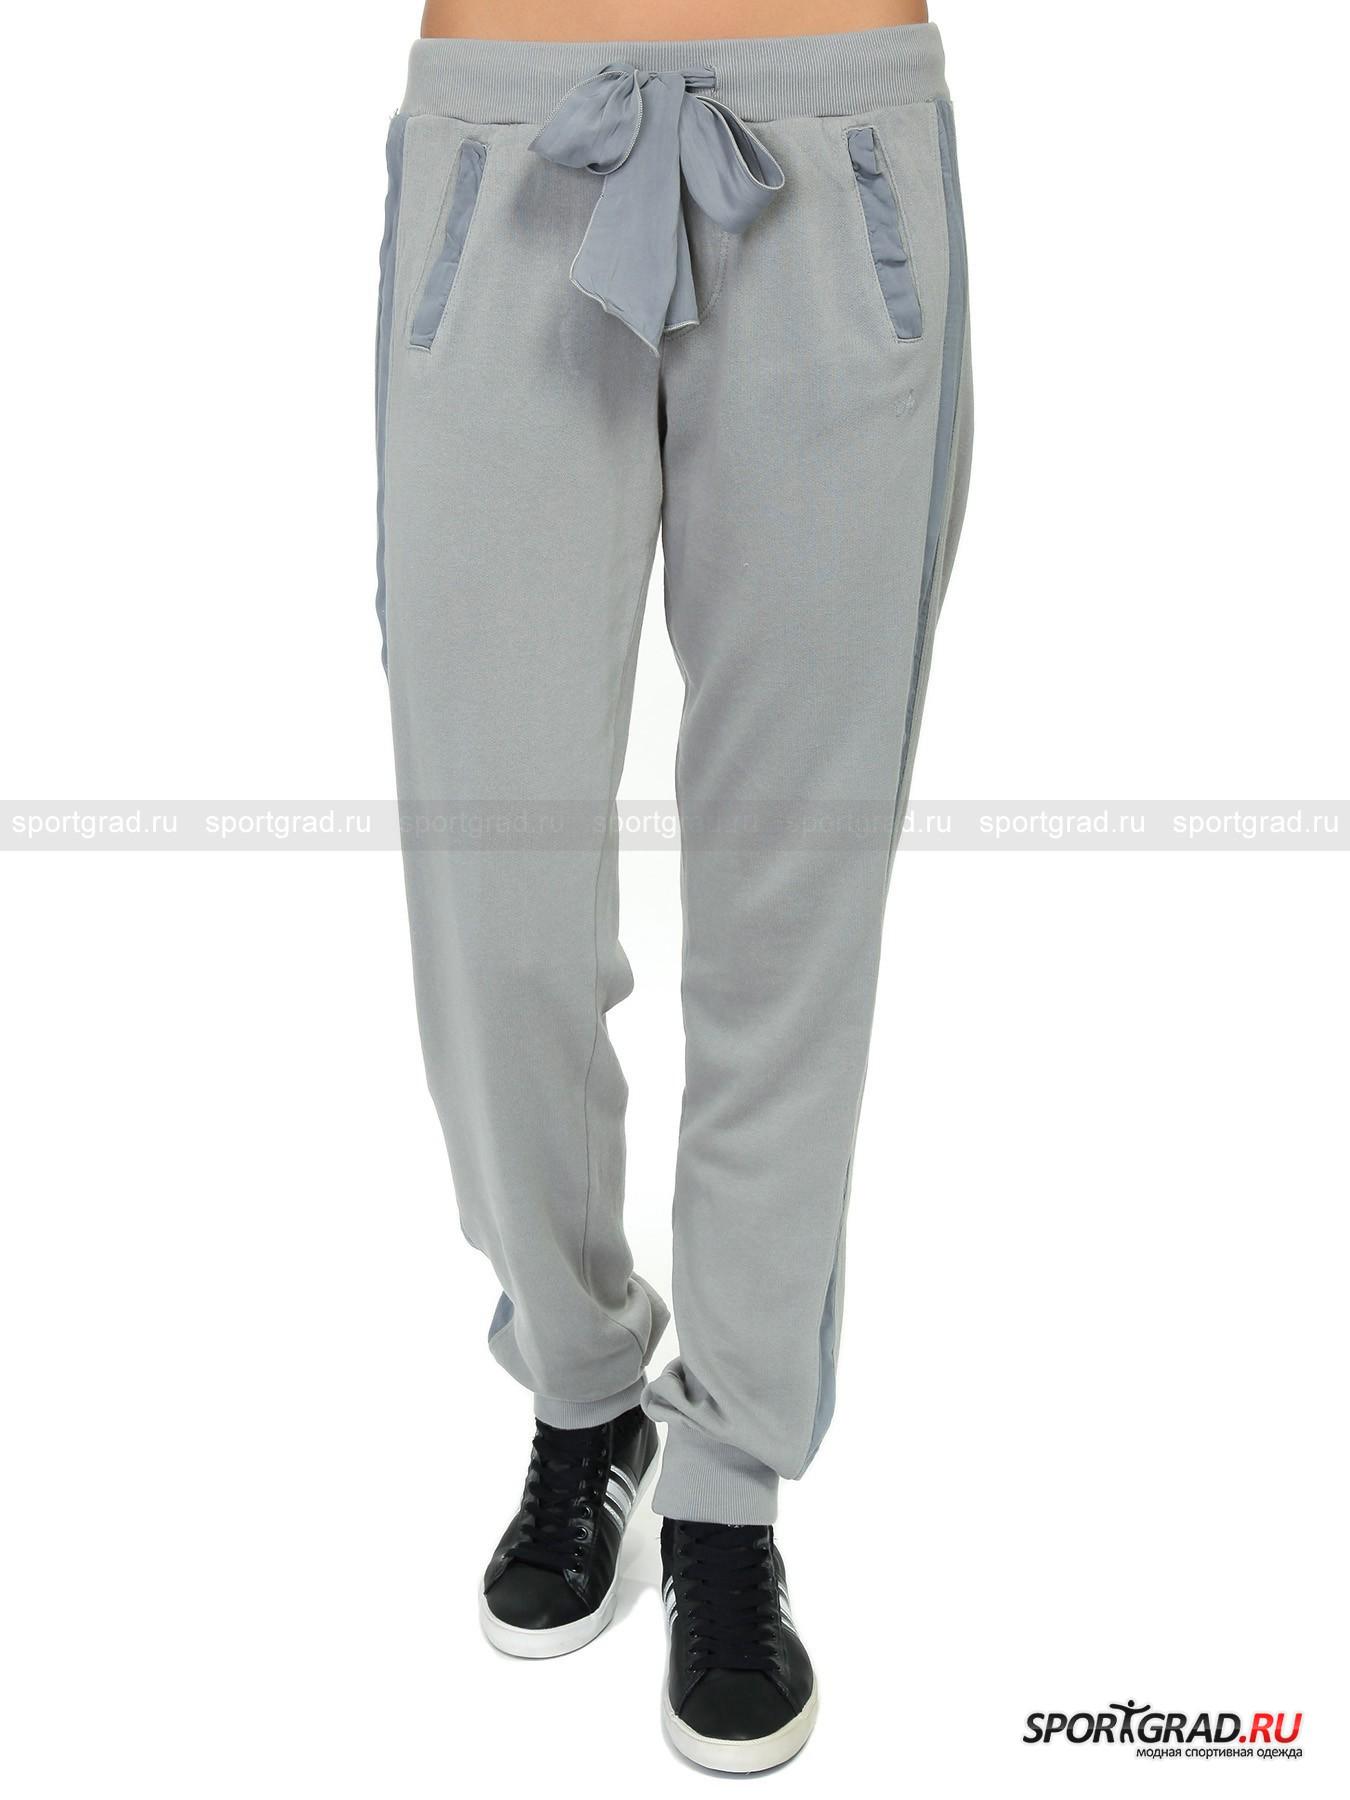 Брюки женские Pants DEHA в спортивном стилеБрюки<br>Неброские брюки Pants Deha – классическая модель, которая станет универсальной «базой» для любого образа в спортивном стиле. Эта модель невероятна комфортна благодаря прямому крою штанин, дарящему абсолютную свободу движений, мягкому трикотажному поясу и изнанке из уютного «плюшевого» материала, который отлично согреет в холодную погоду. Идеальные штаны для утренних пробежек по парку или вечера в кругу семьи в загородном доме. Украшение этой простой модели – вставки из воздушной ткани по бокам вдоль штанин и на окантовке карманов и красивая полупрозрачная регулирующая лента на поясе.<br><br>Пол: Женский<br>Возраст: Взрослый<br>Тип: Брюки<br>Рекомендации по уходу: стирка в теплой воде до 30 С; не отбеливать; гладить слегка нагретым утюгом  (температура до 120 C); только сухая чистка; нельзя выжимать и сушить в стиральной машине<br>Состав: основное изделие 100% хлопок, вставки 100% вискоза